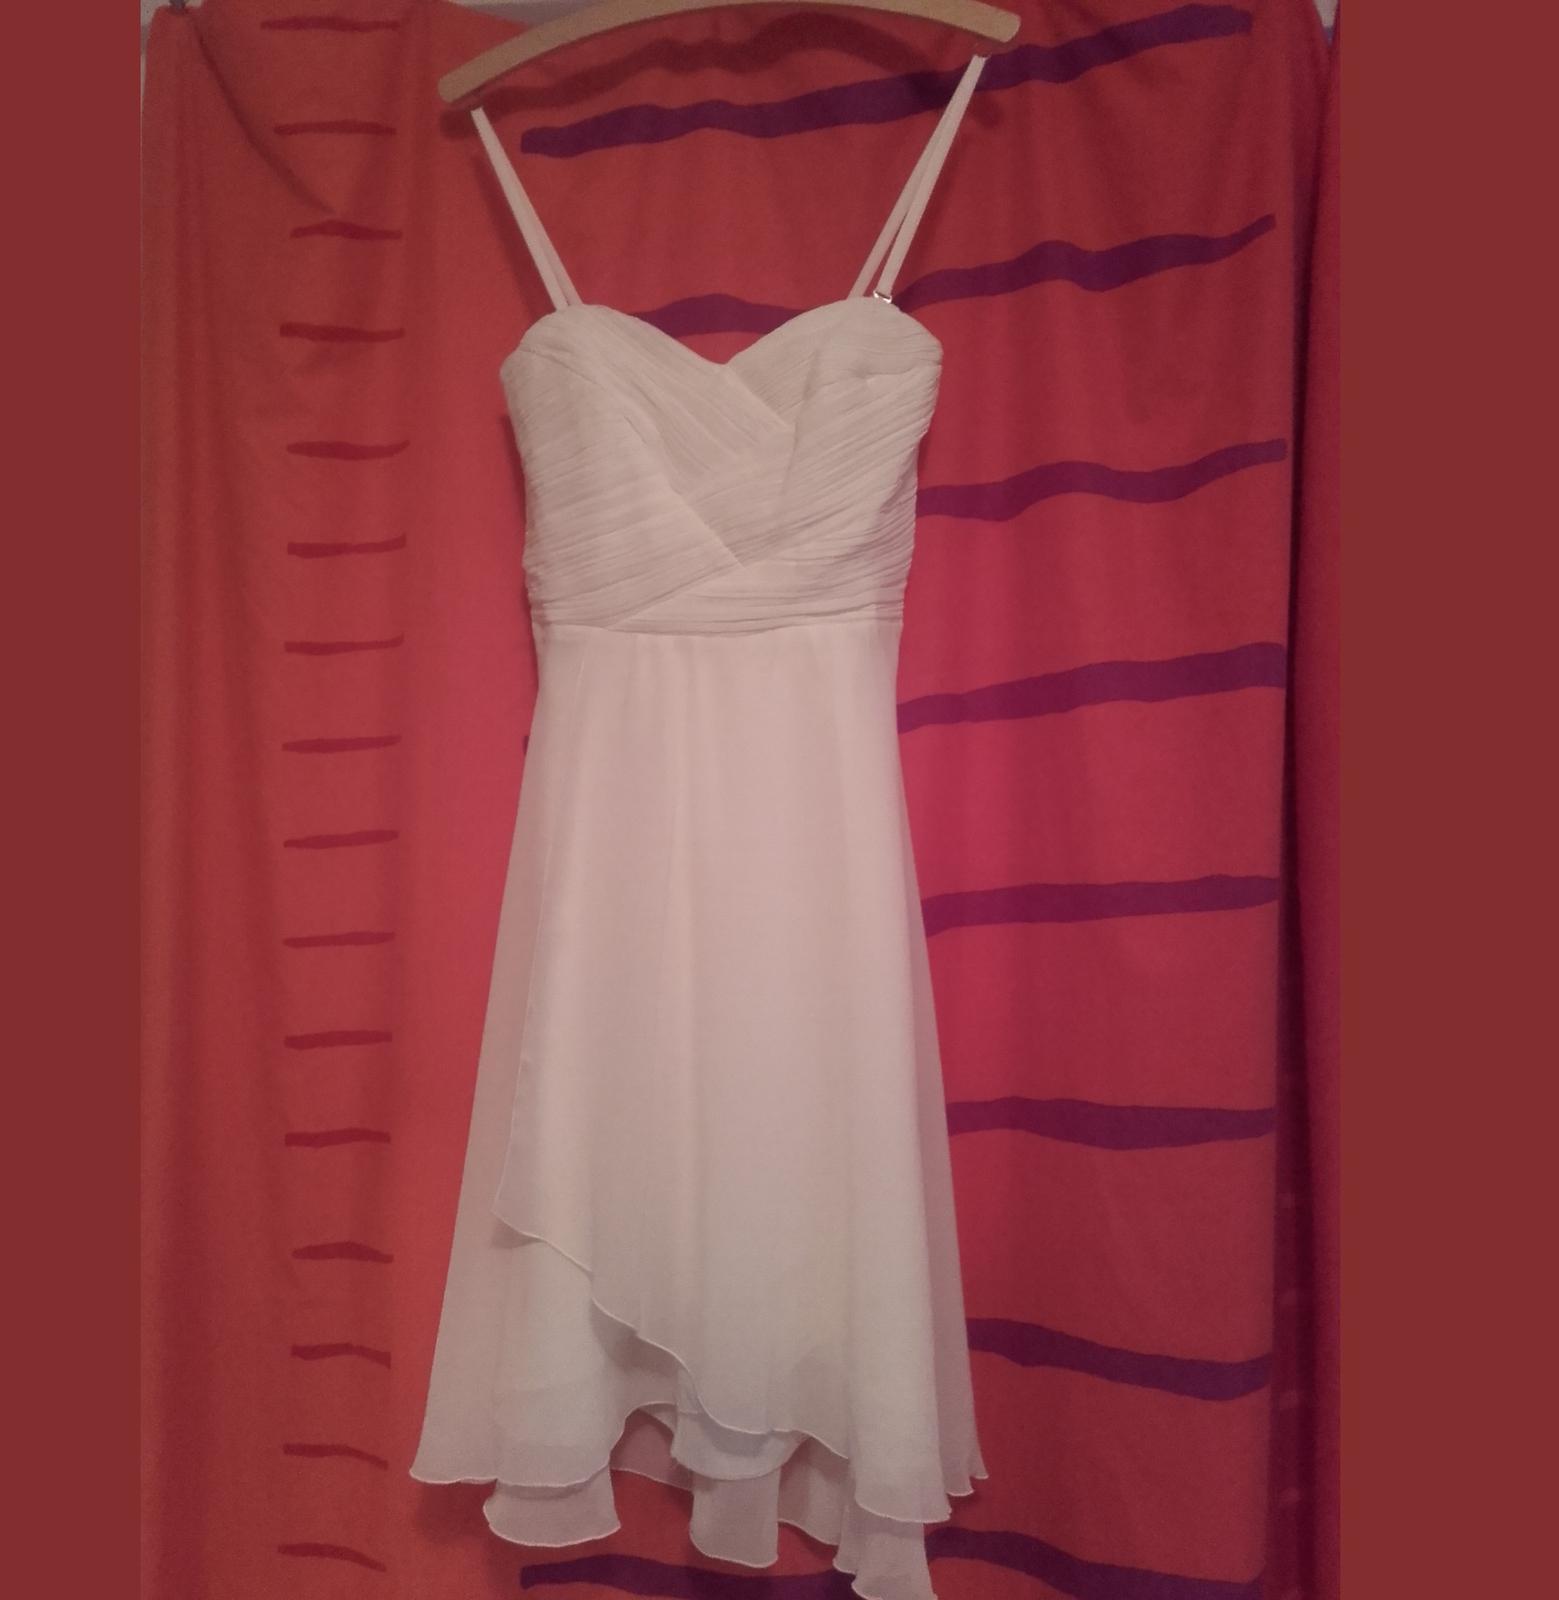 Krátké bílé šaty E.L., vel. 38 - Obrázek č. 1